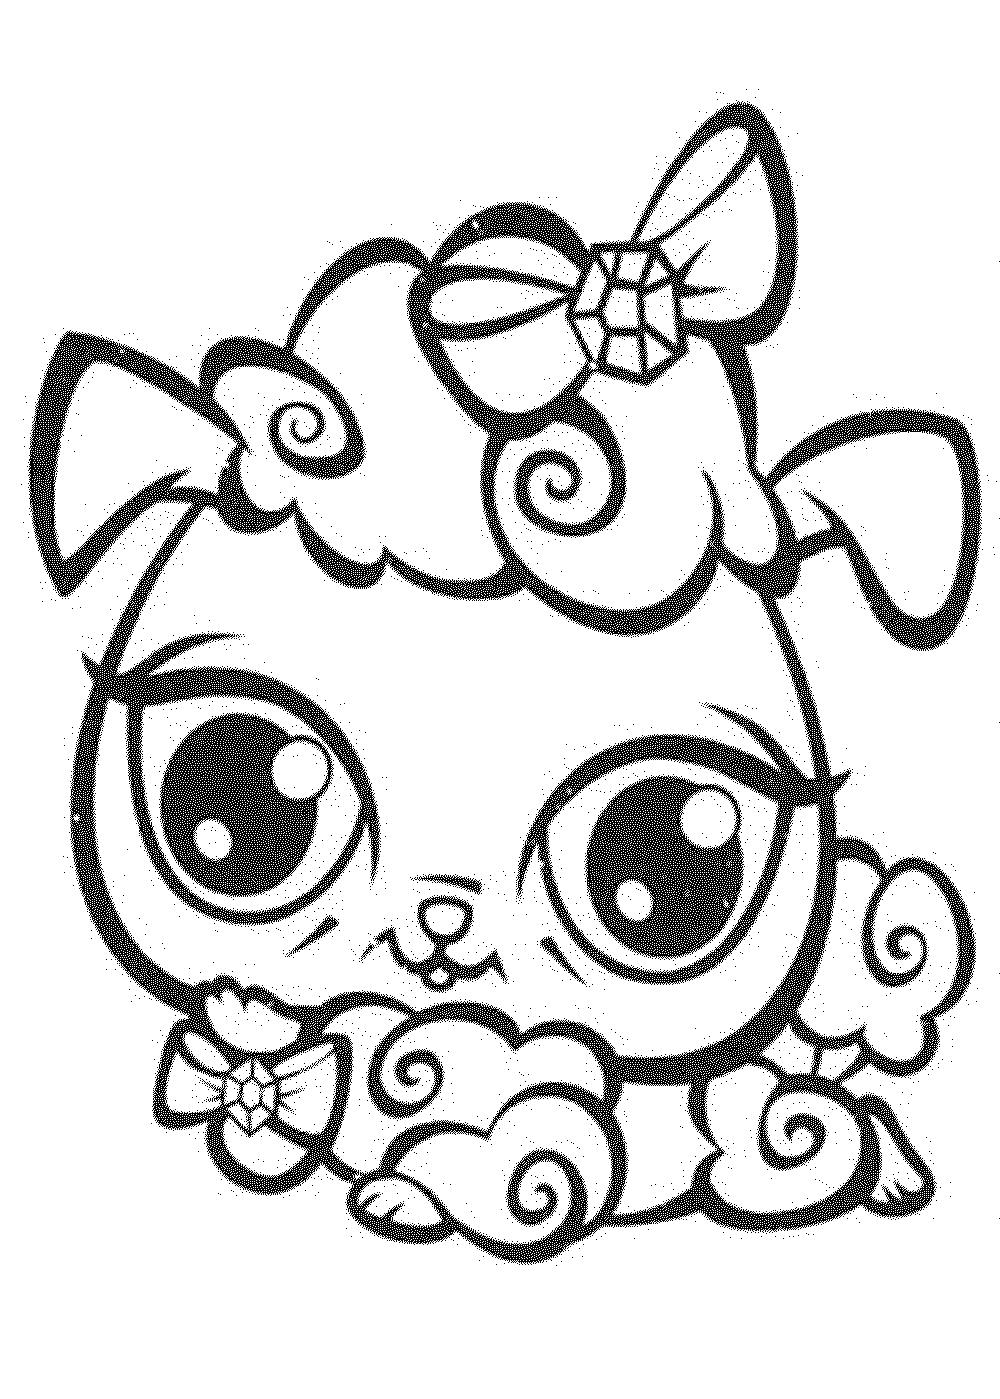 littlest pet shop coloring pages littlest pet shop coloring page bestappsforkidscom coloring shop littlest pages pet